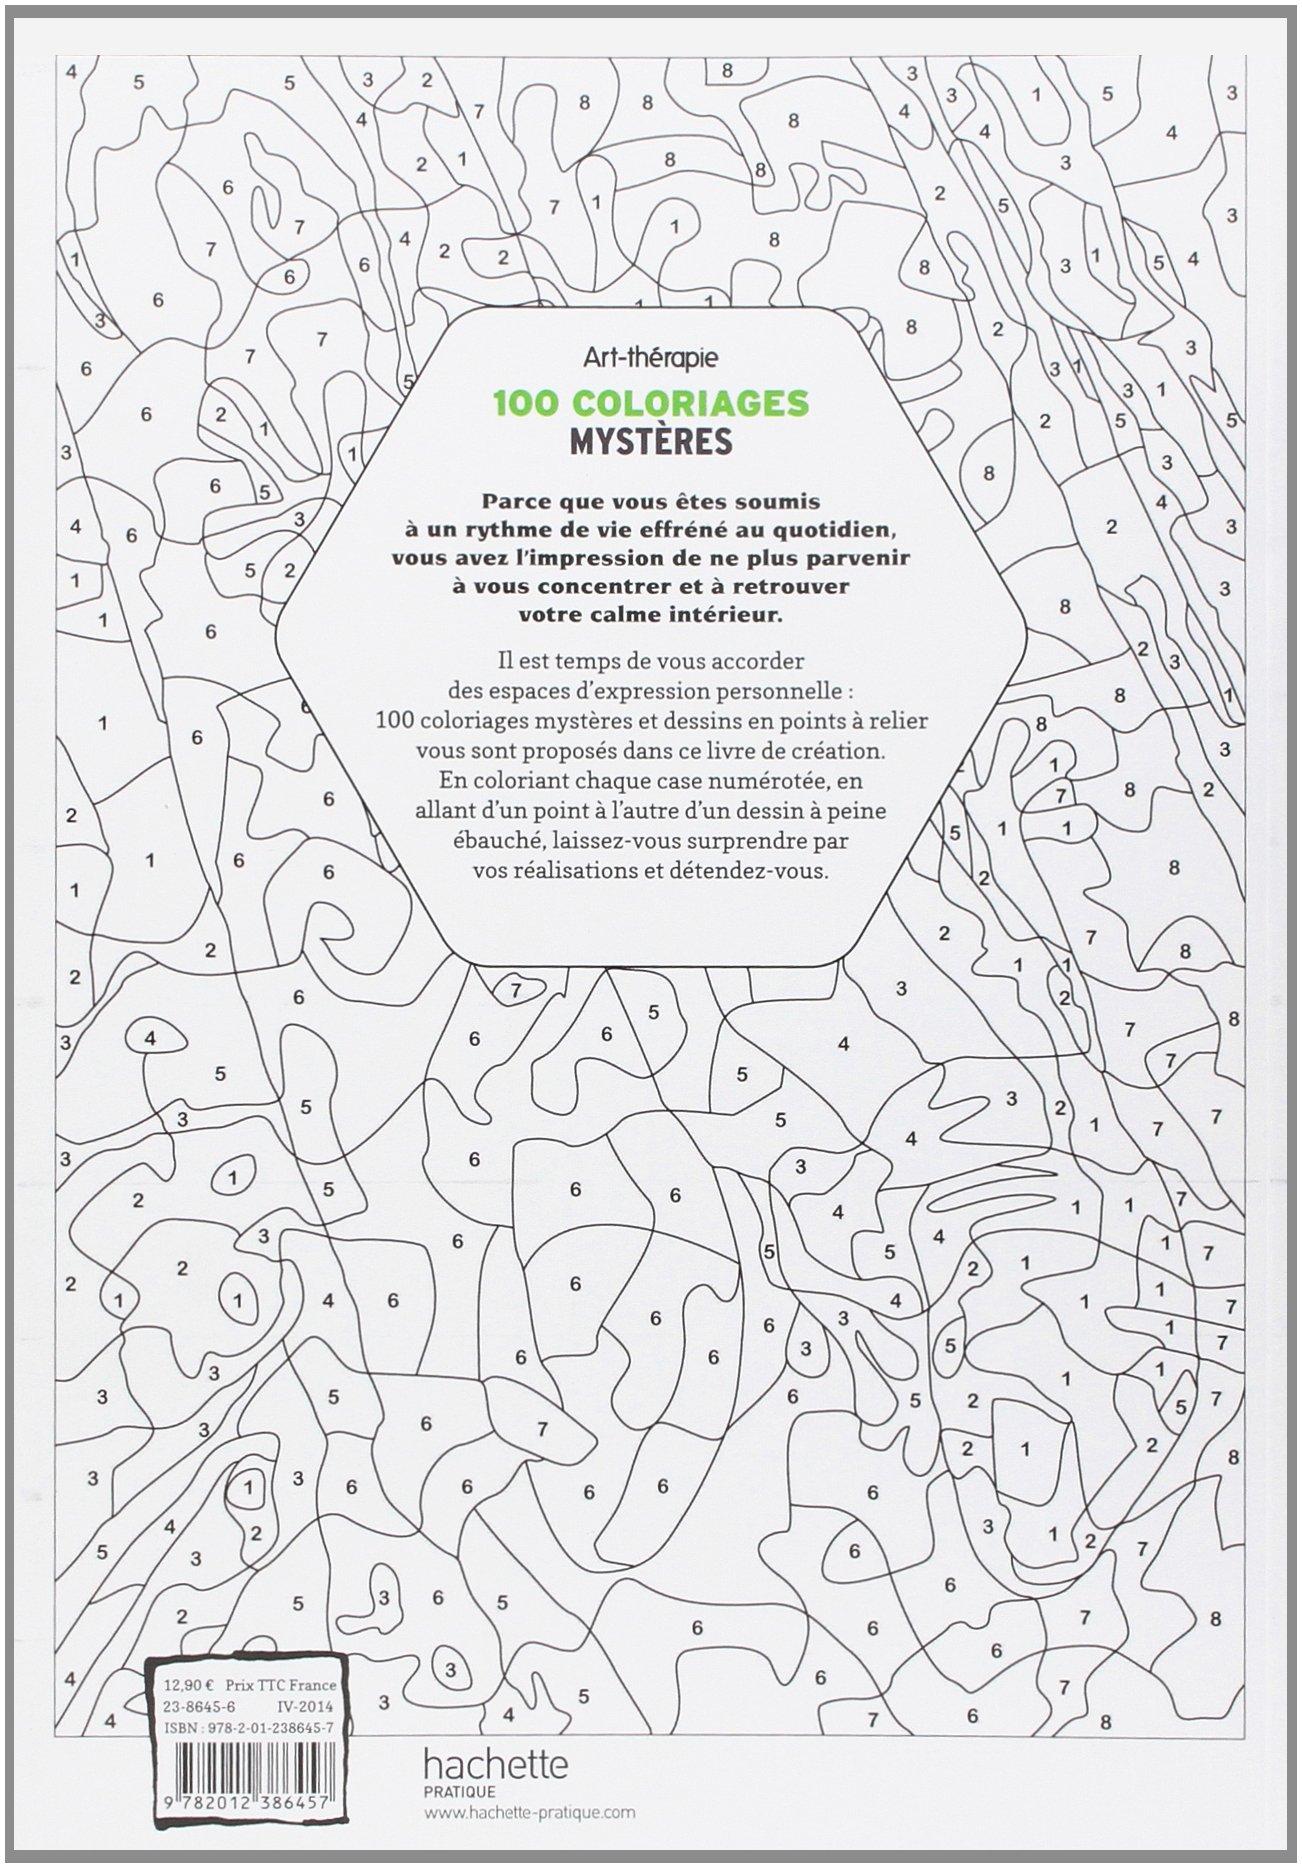 100 Coloriages mystères: Art-thérapie Broché – 2 avril